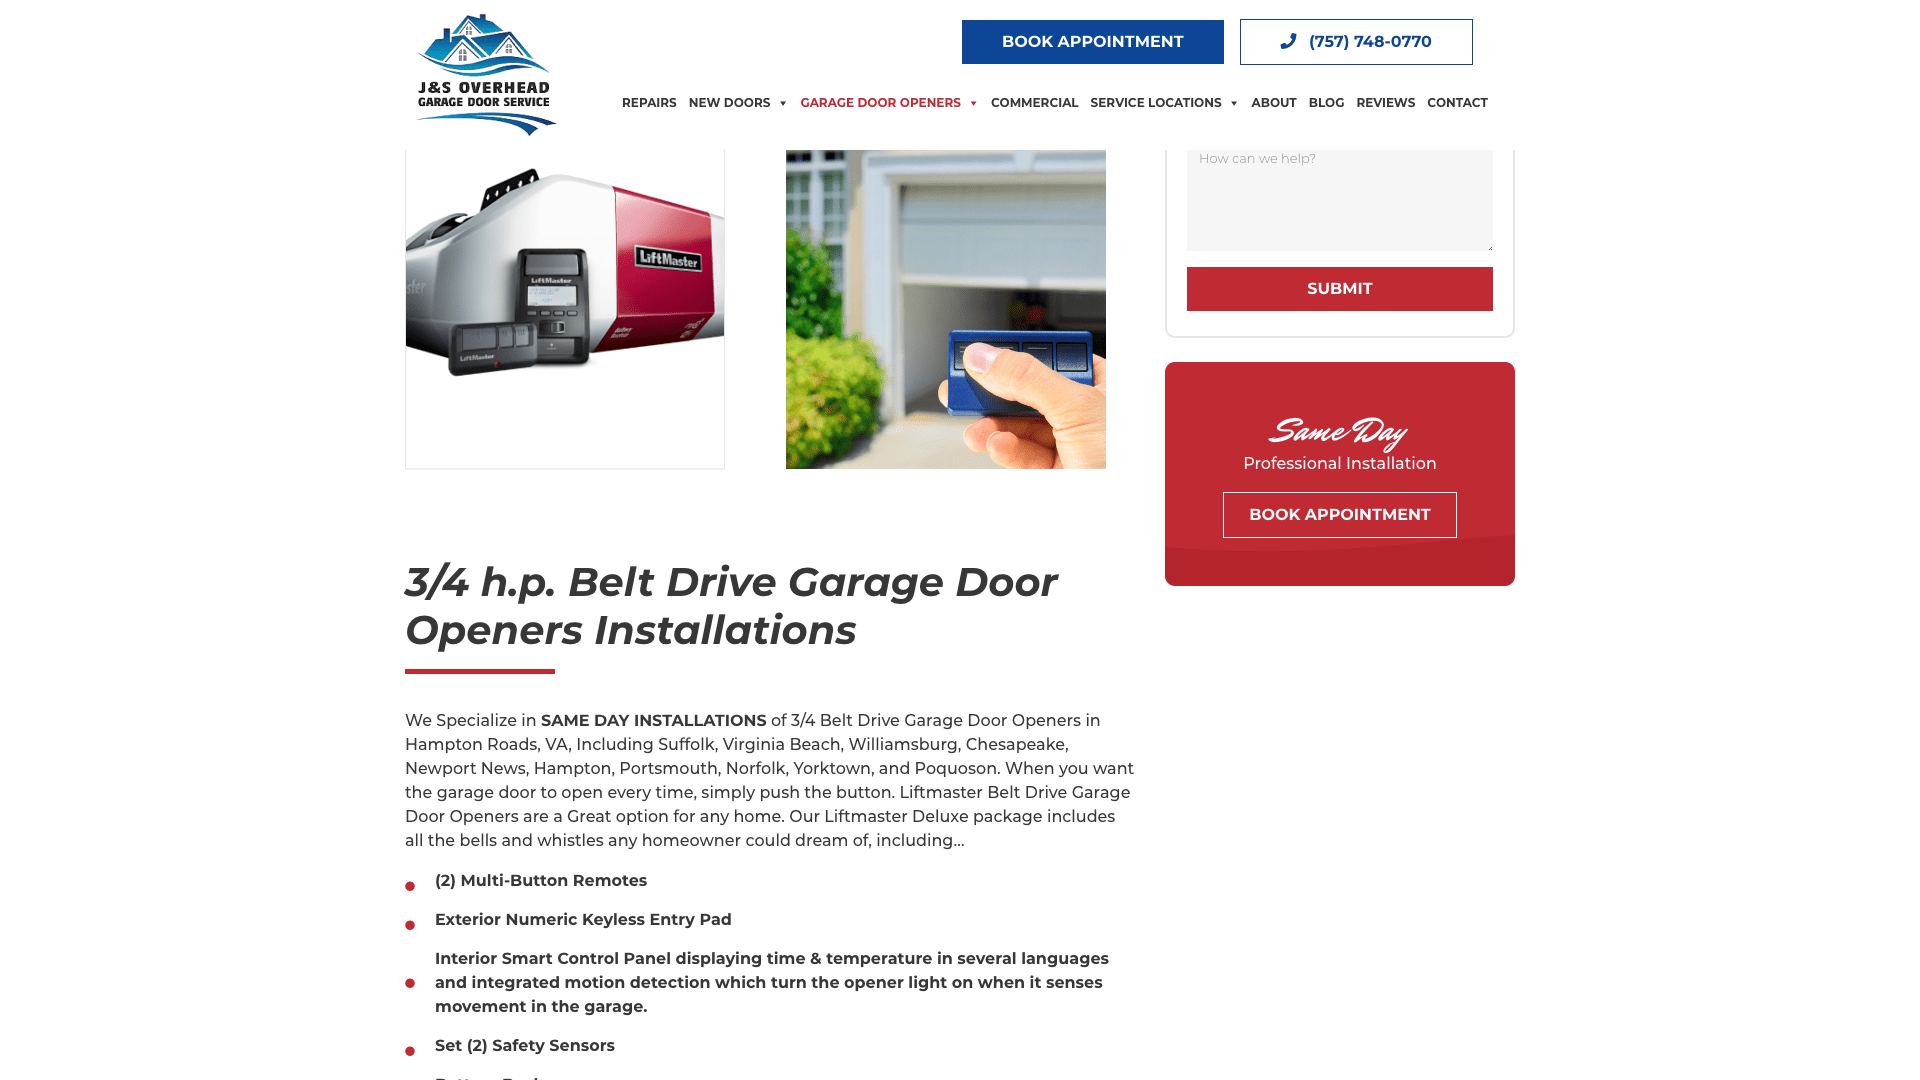 J&S Overhead Garage Door Service